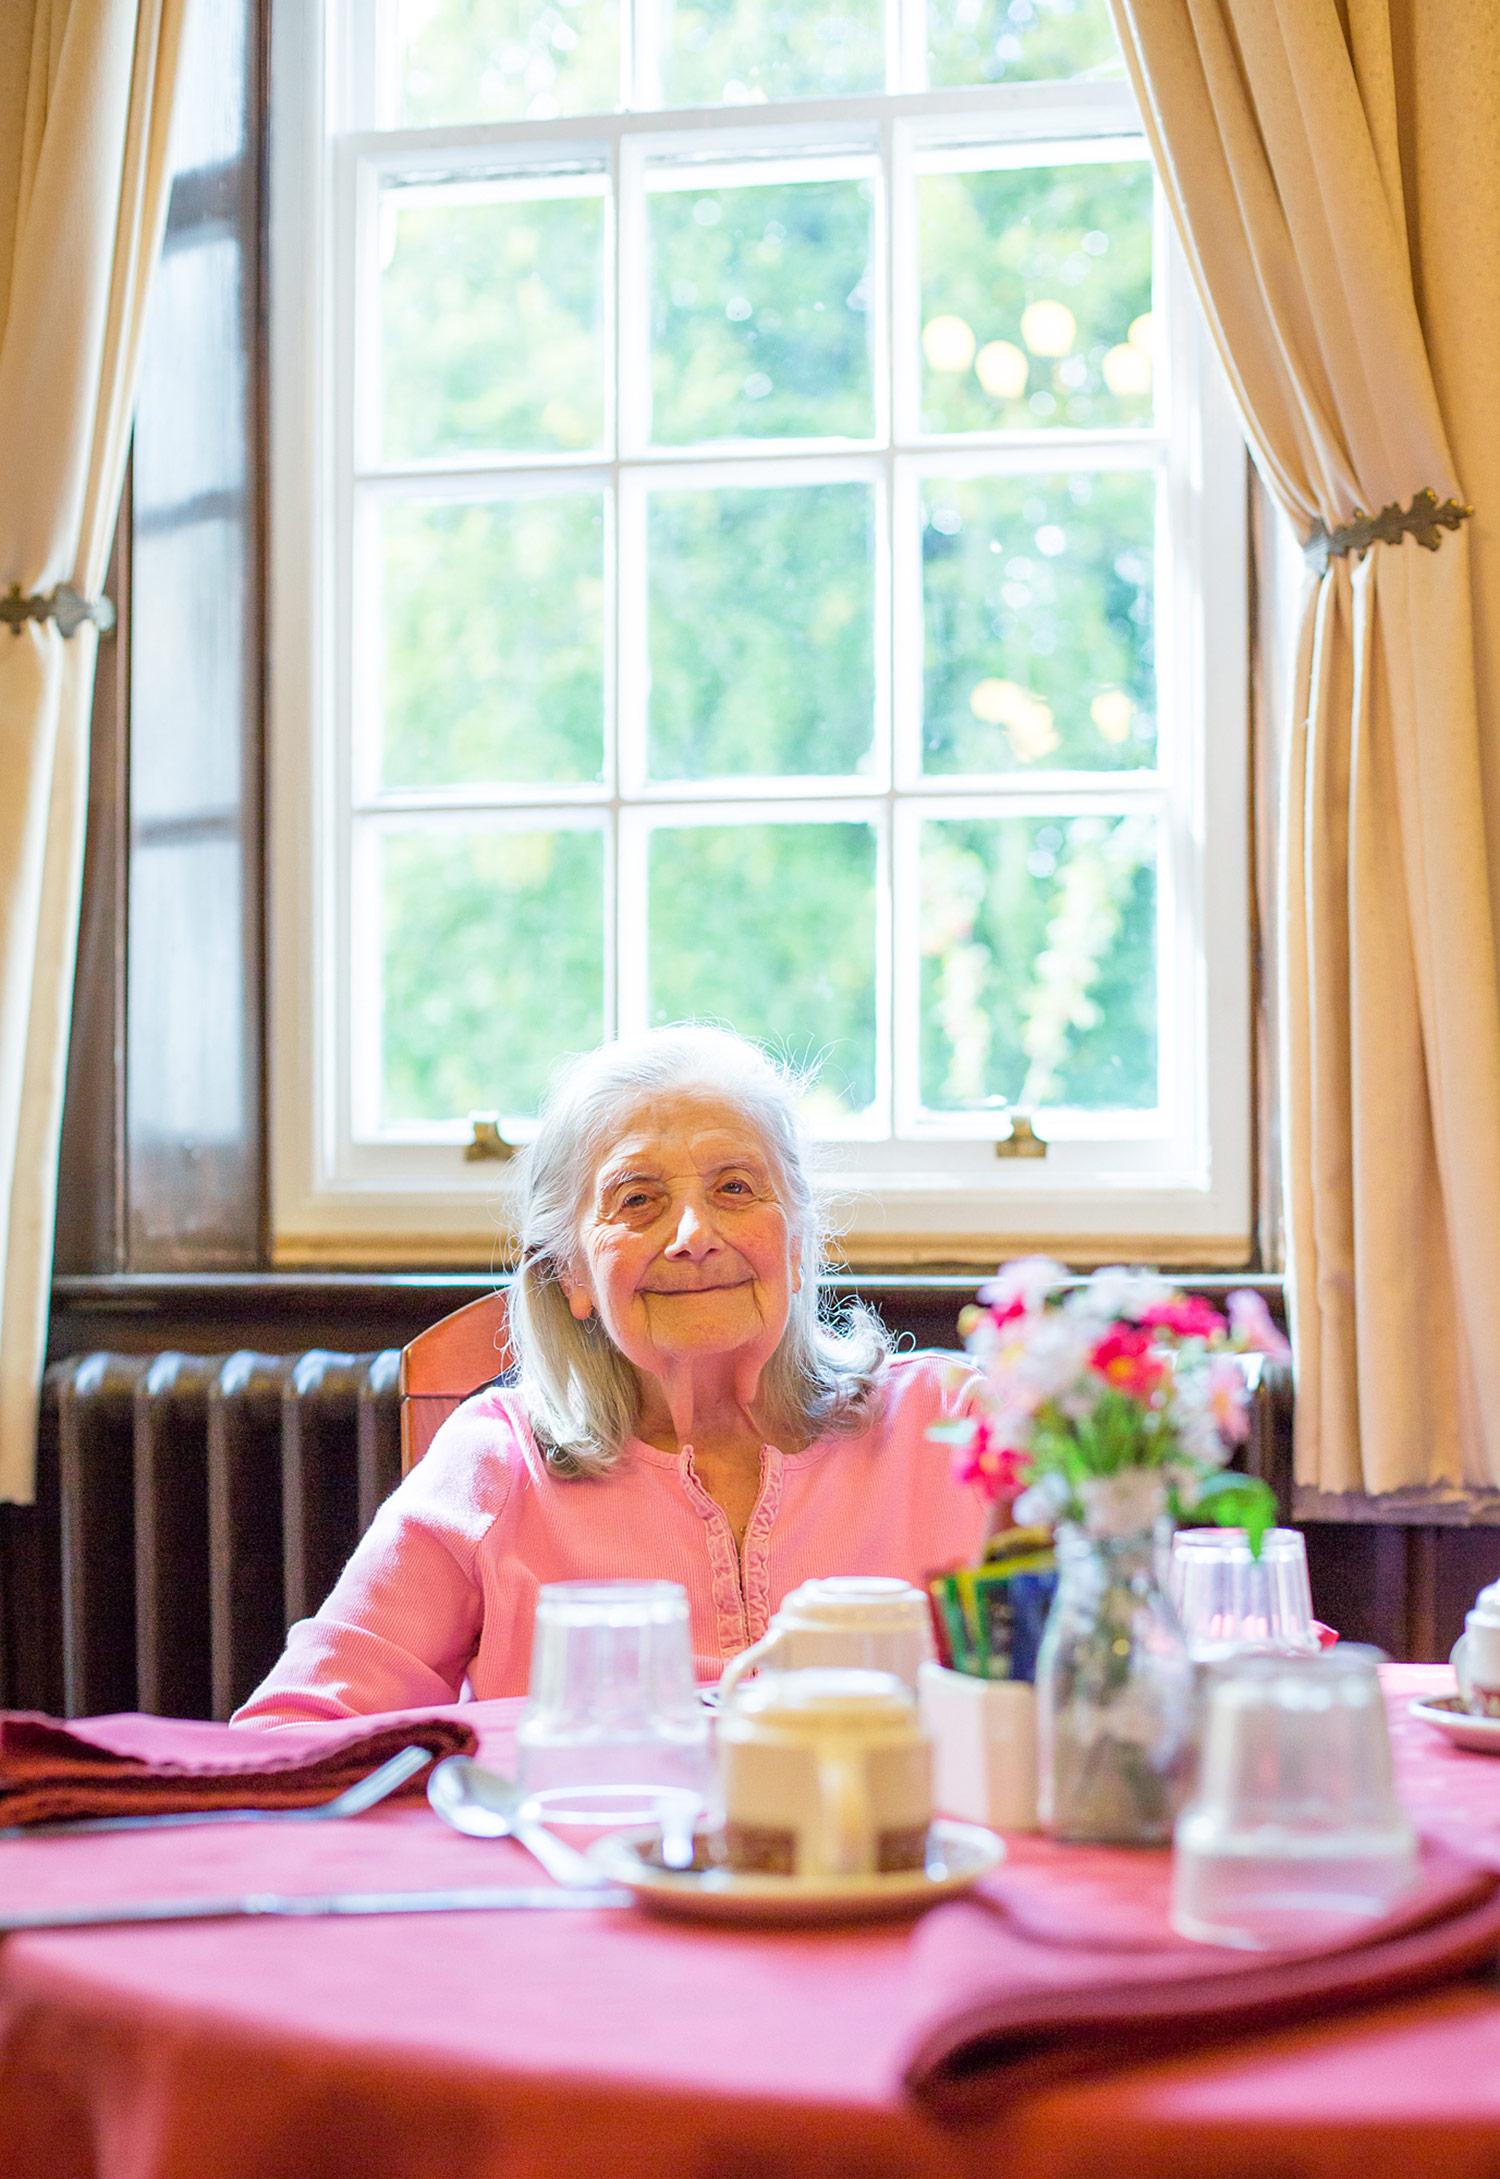 Holywell_Park_Nursing_Home_Sevenoaks_People_006_0460.jpg